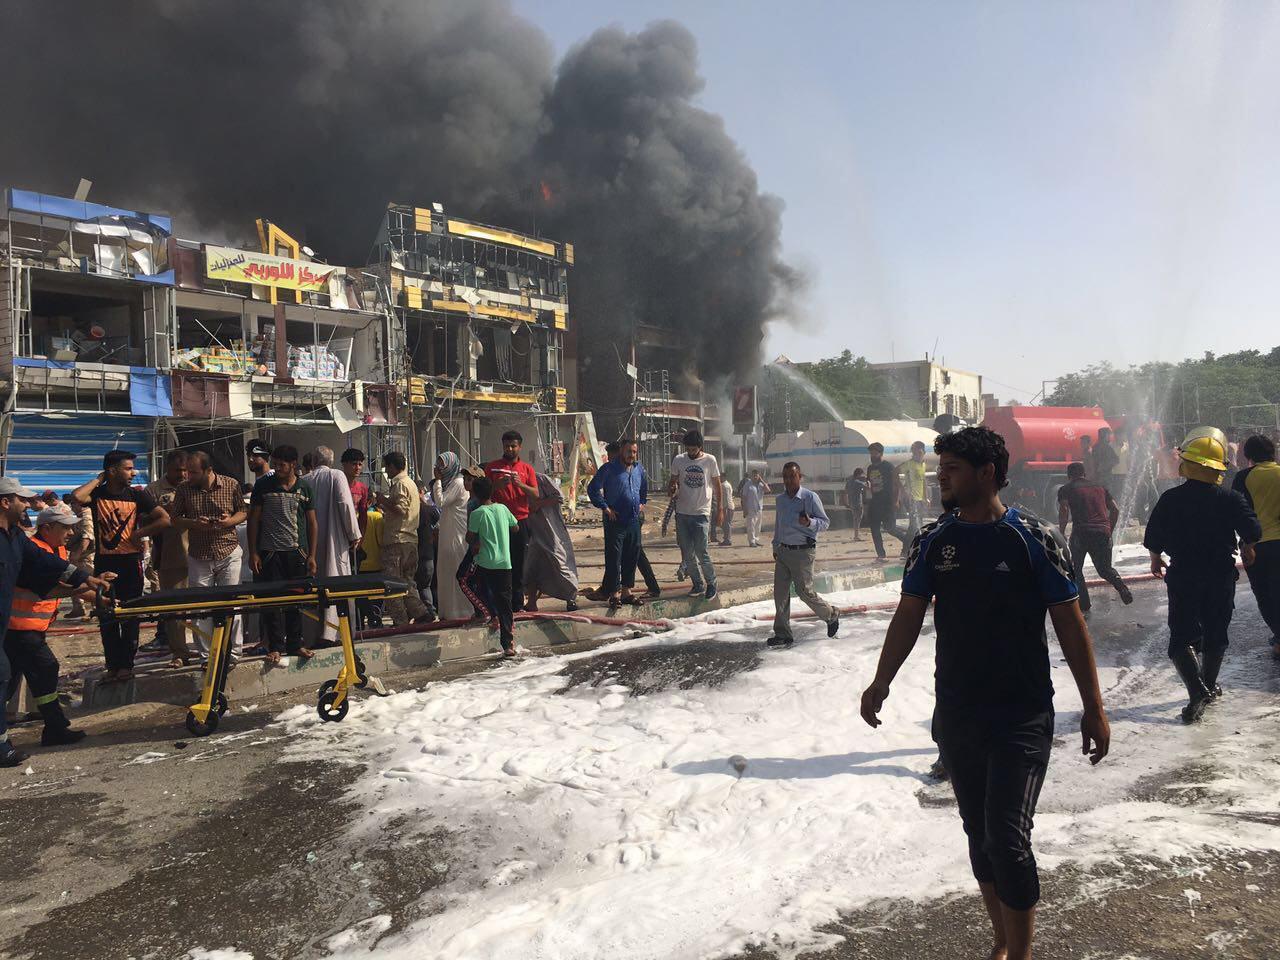 صورة خمسة شهداء و11 جريحاً بانفجار مفخخة في كربلاء المقدسة